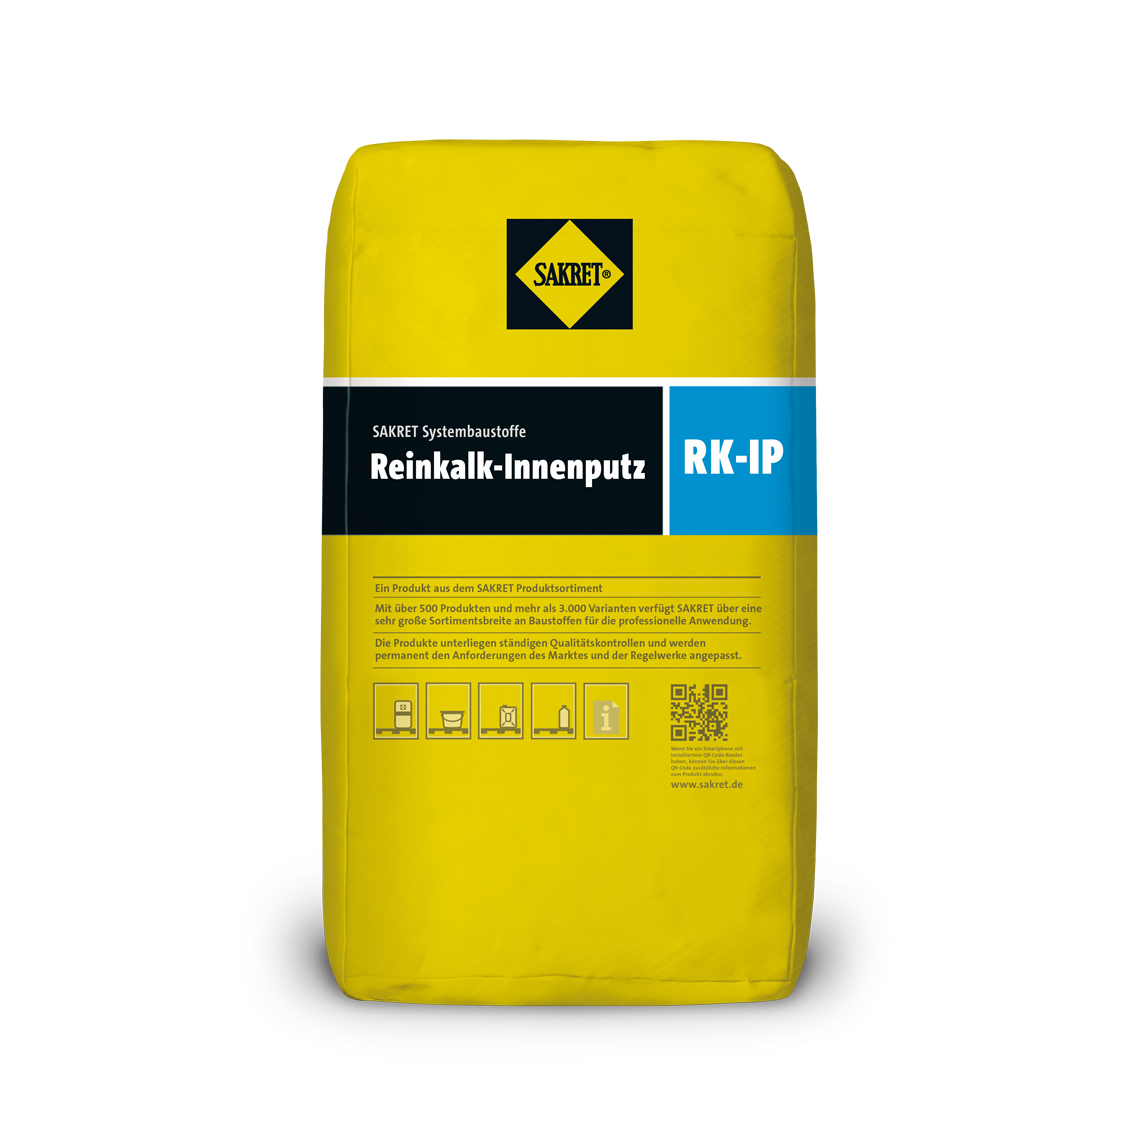 Abbildung SAKRET Reinkalk-Innenputz RK-IP